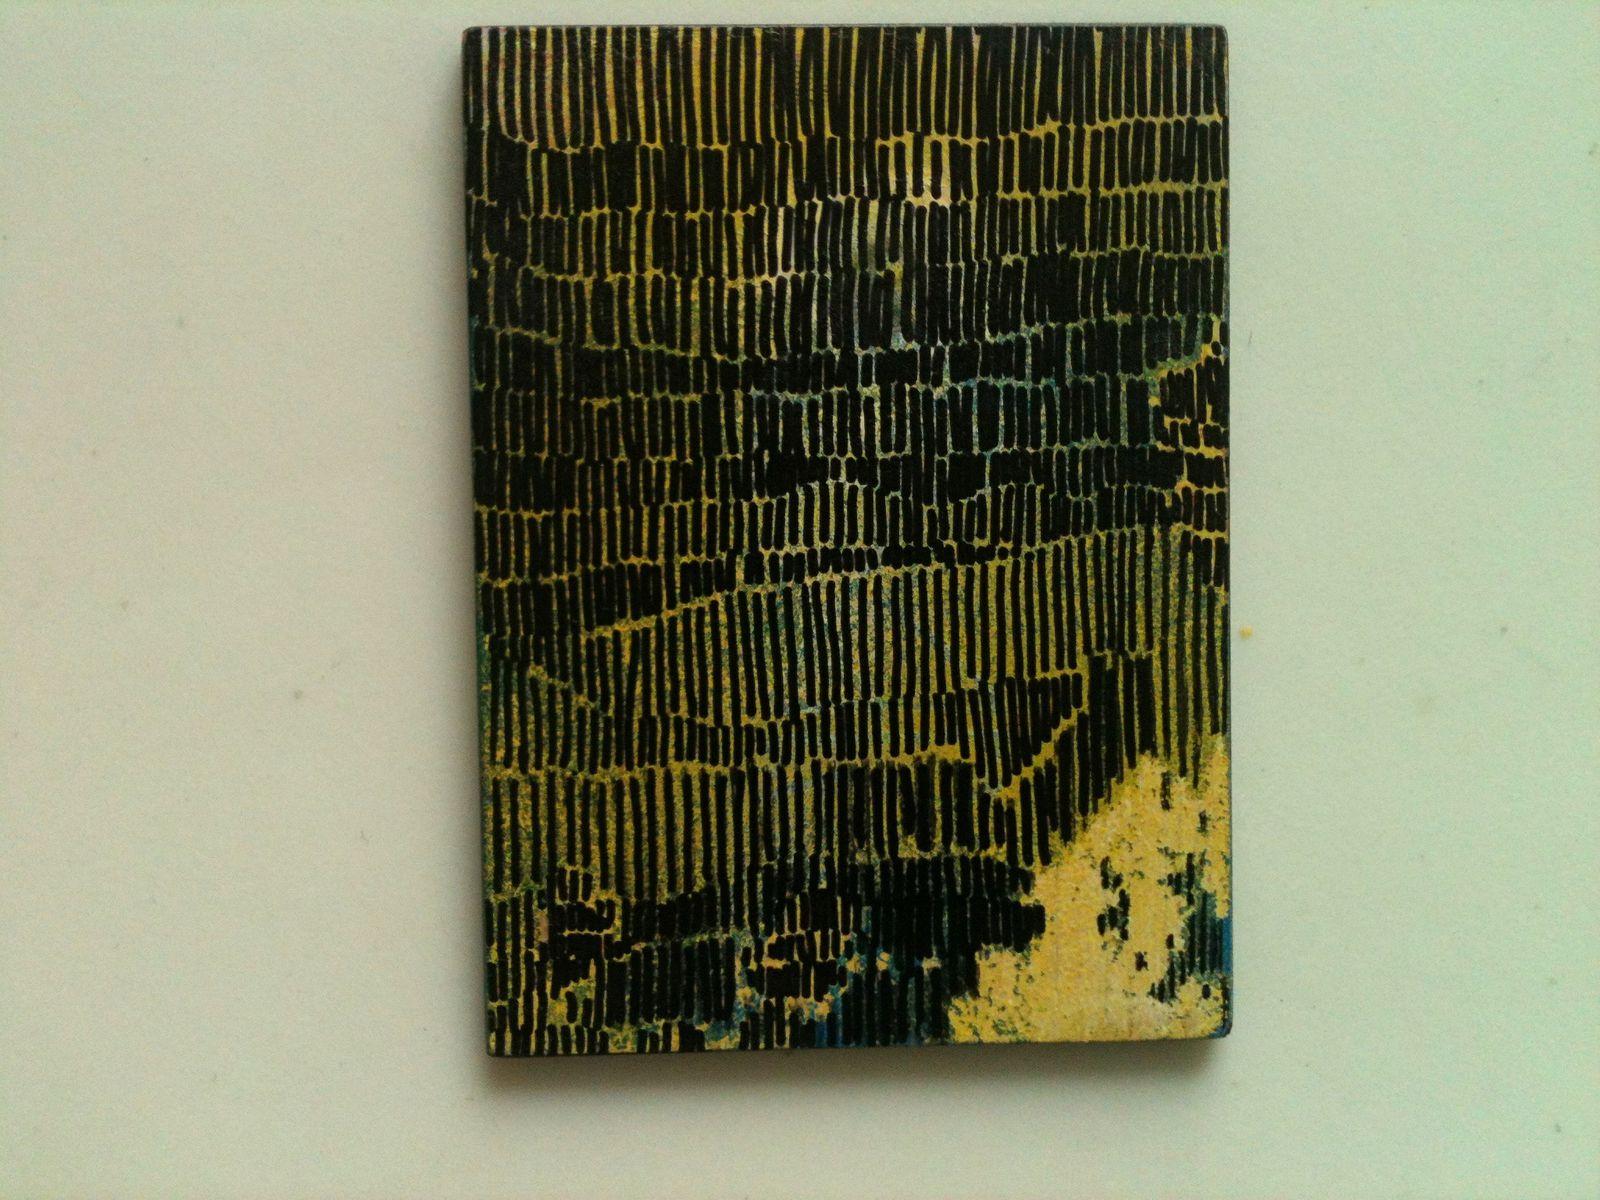 """""""Orphelin de père en fils III"""", 2012, bombe et marker, 6,1 x 8,1 cm.."""